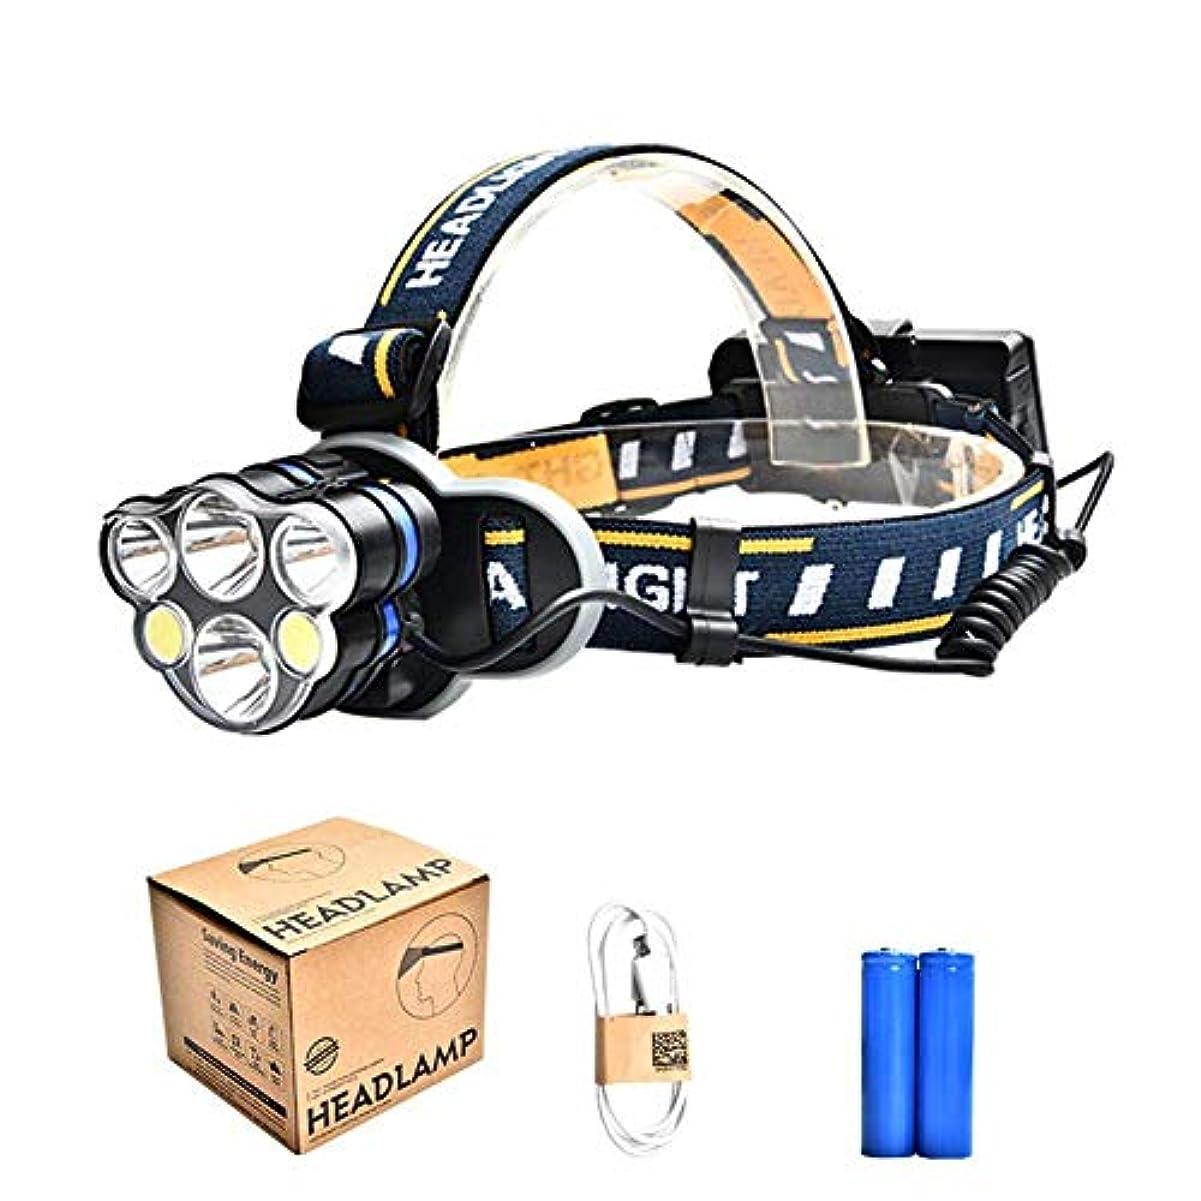 不器用キャッチベアリングLEDヘッドライト 充電式 ヘッドライト 釣り 対防水コーティング ヘッデン 高輝度LED 4点灯モード 作業灯 防災 登山 釣り ランニング 夜釣り キャンプ ヘルメットライト ランタン リチウムイオン蓄電池 2本付属